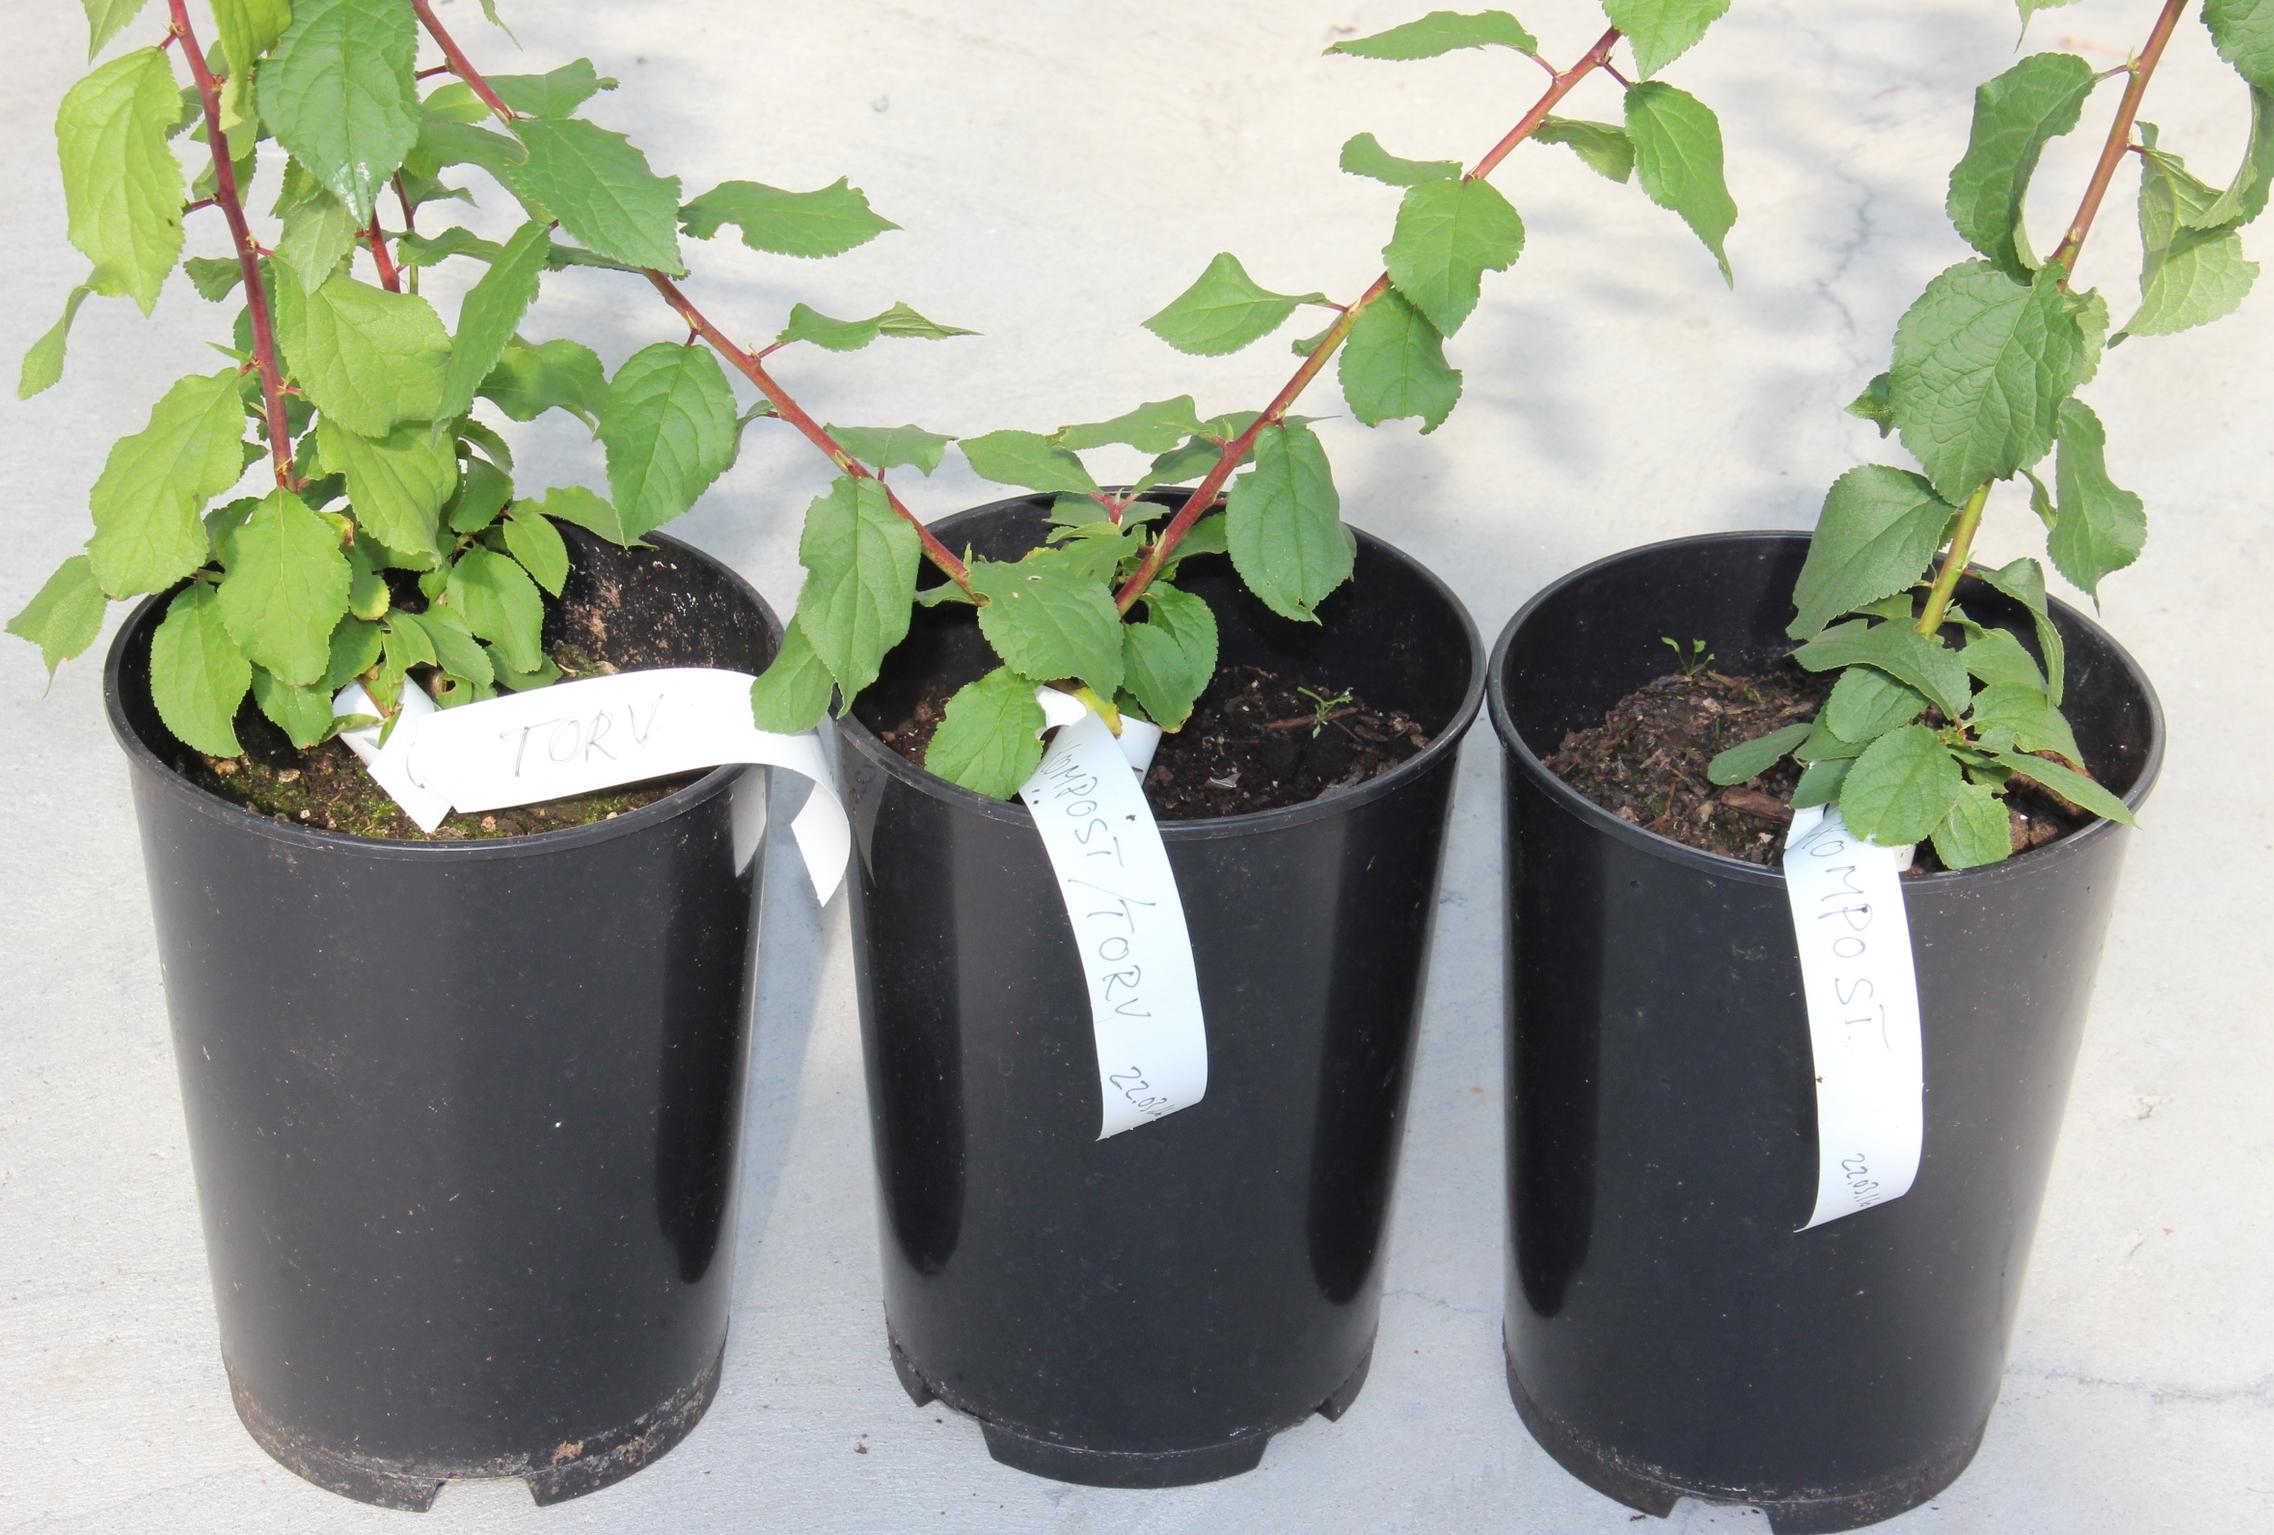 Testforsøk på Njøs med utprøving av ulike vekstmedium for frukttre (SIMAS-kompost, torv og ulike blandingar av desse).